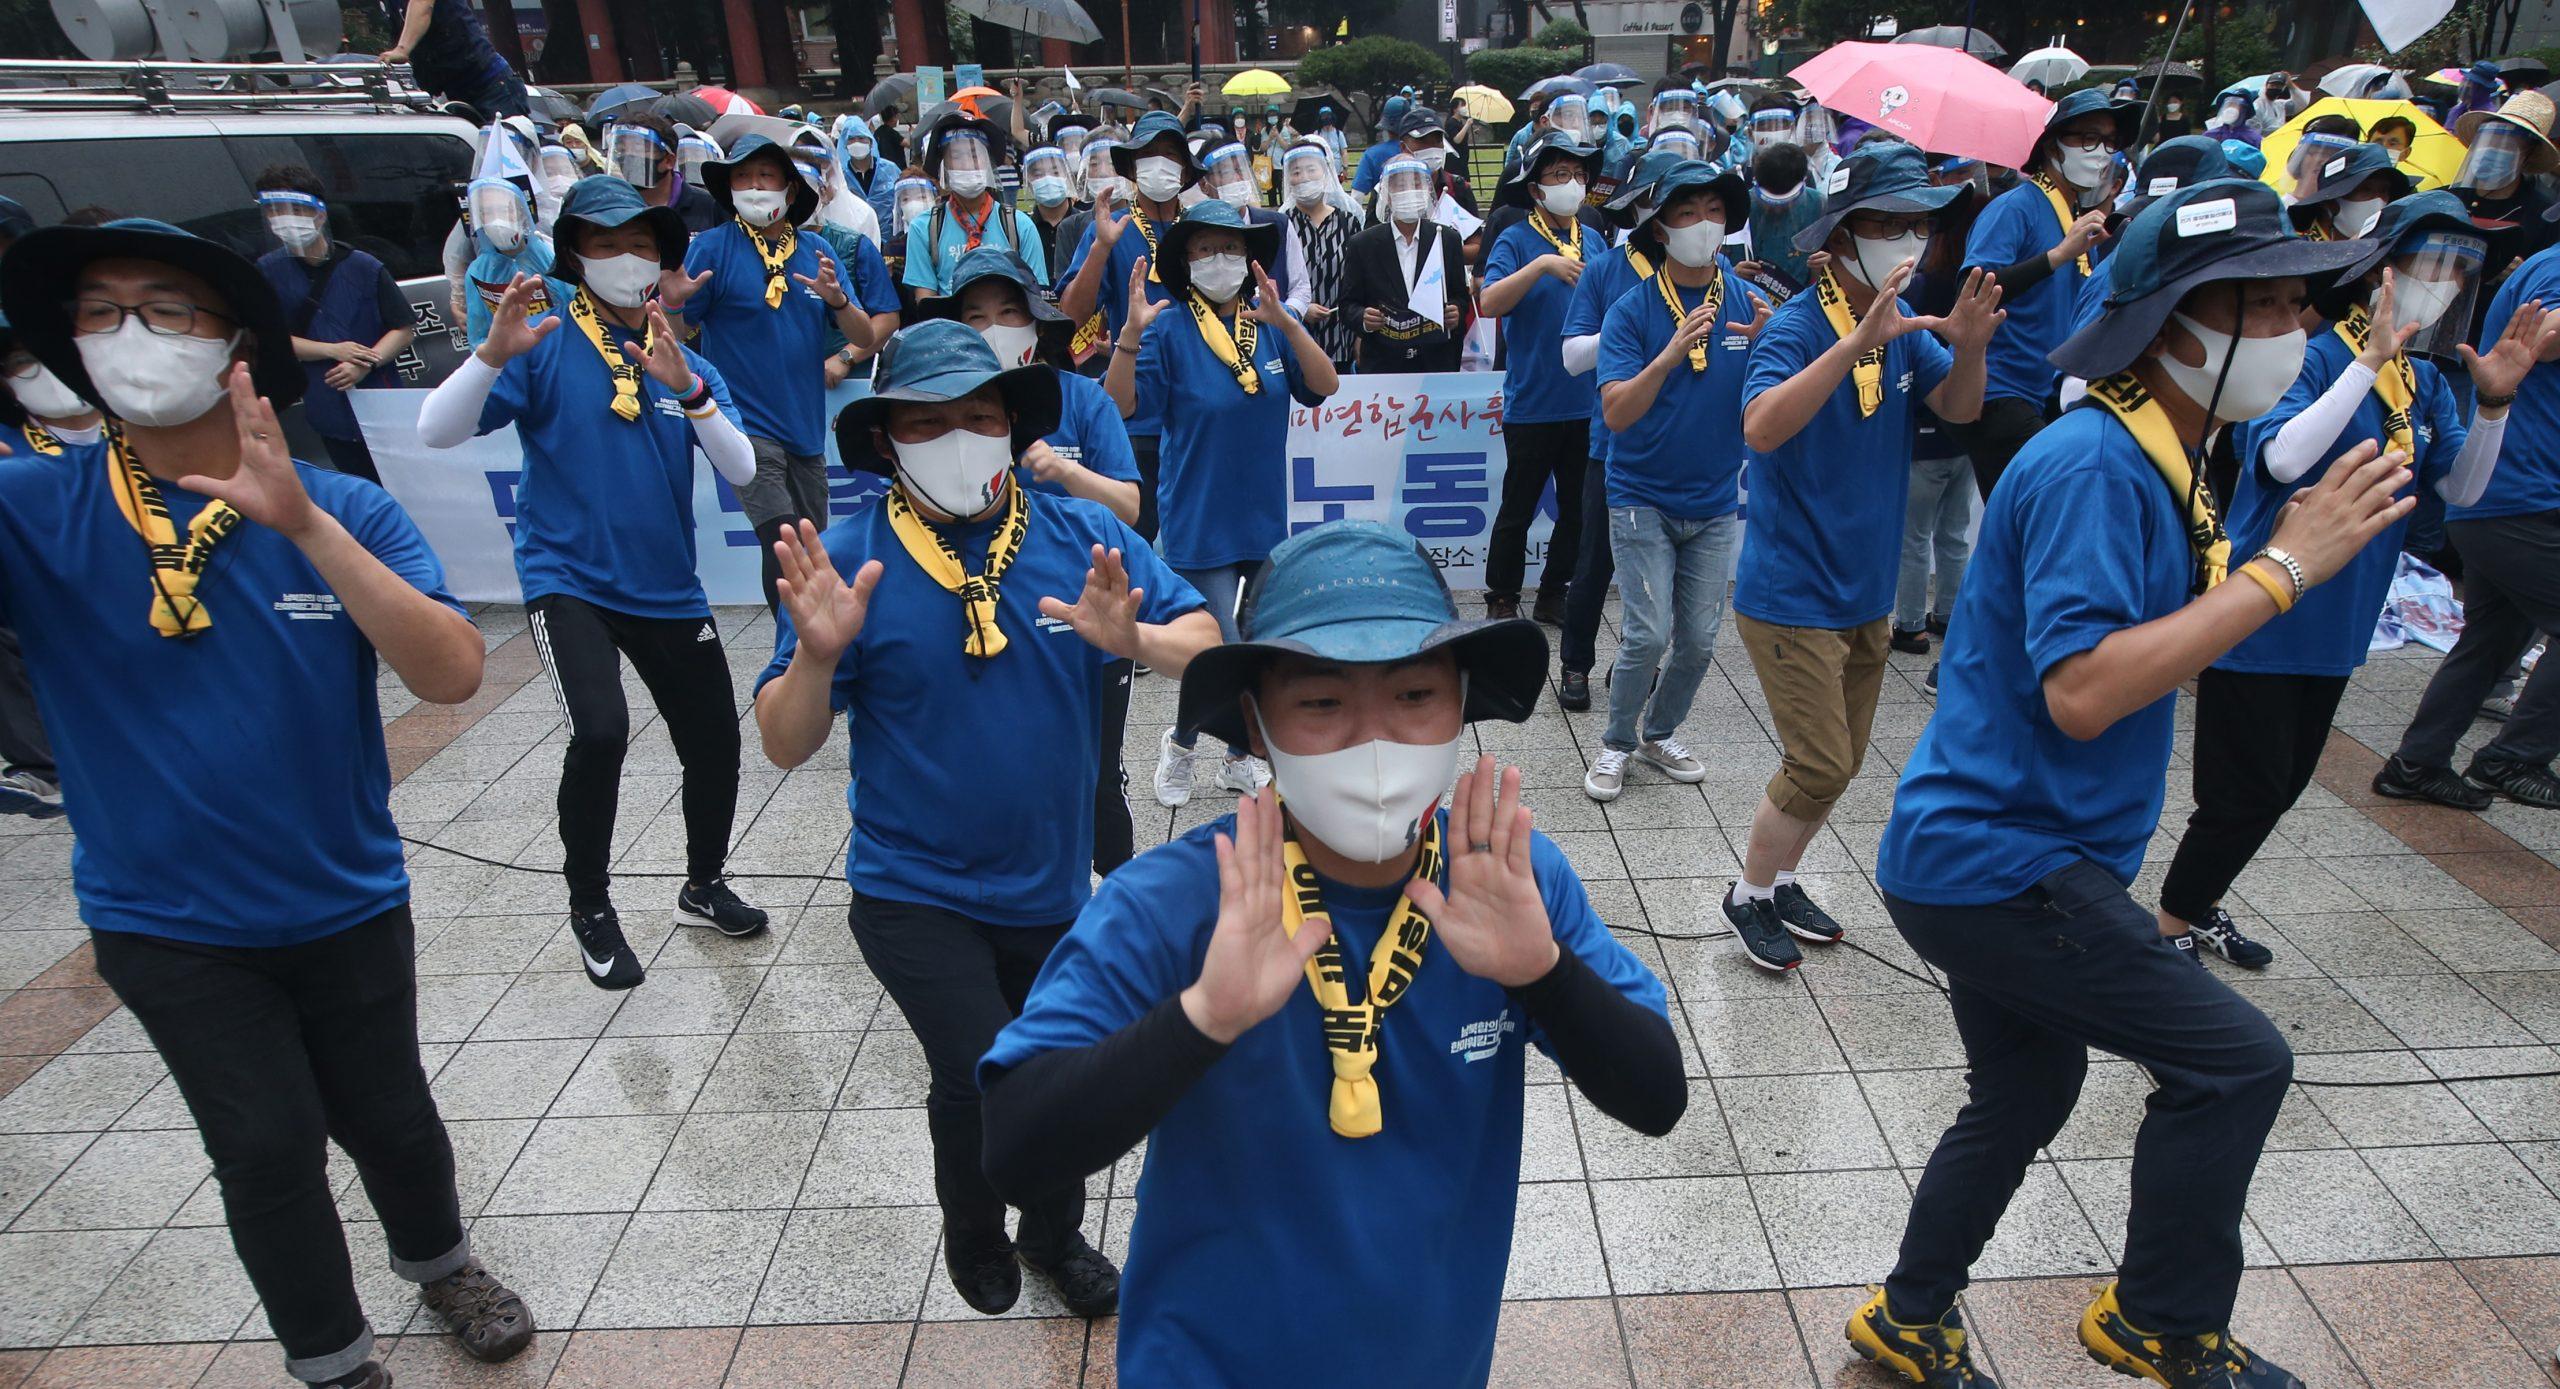 JUŽNA KOREJA SE DIGLA: Protiv korona diktature 1